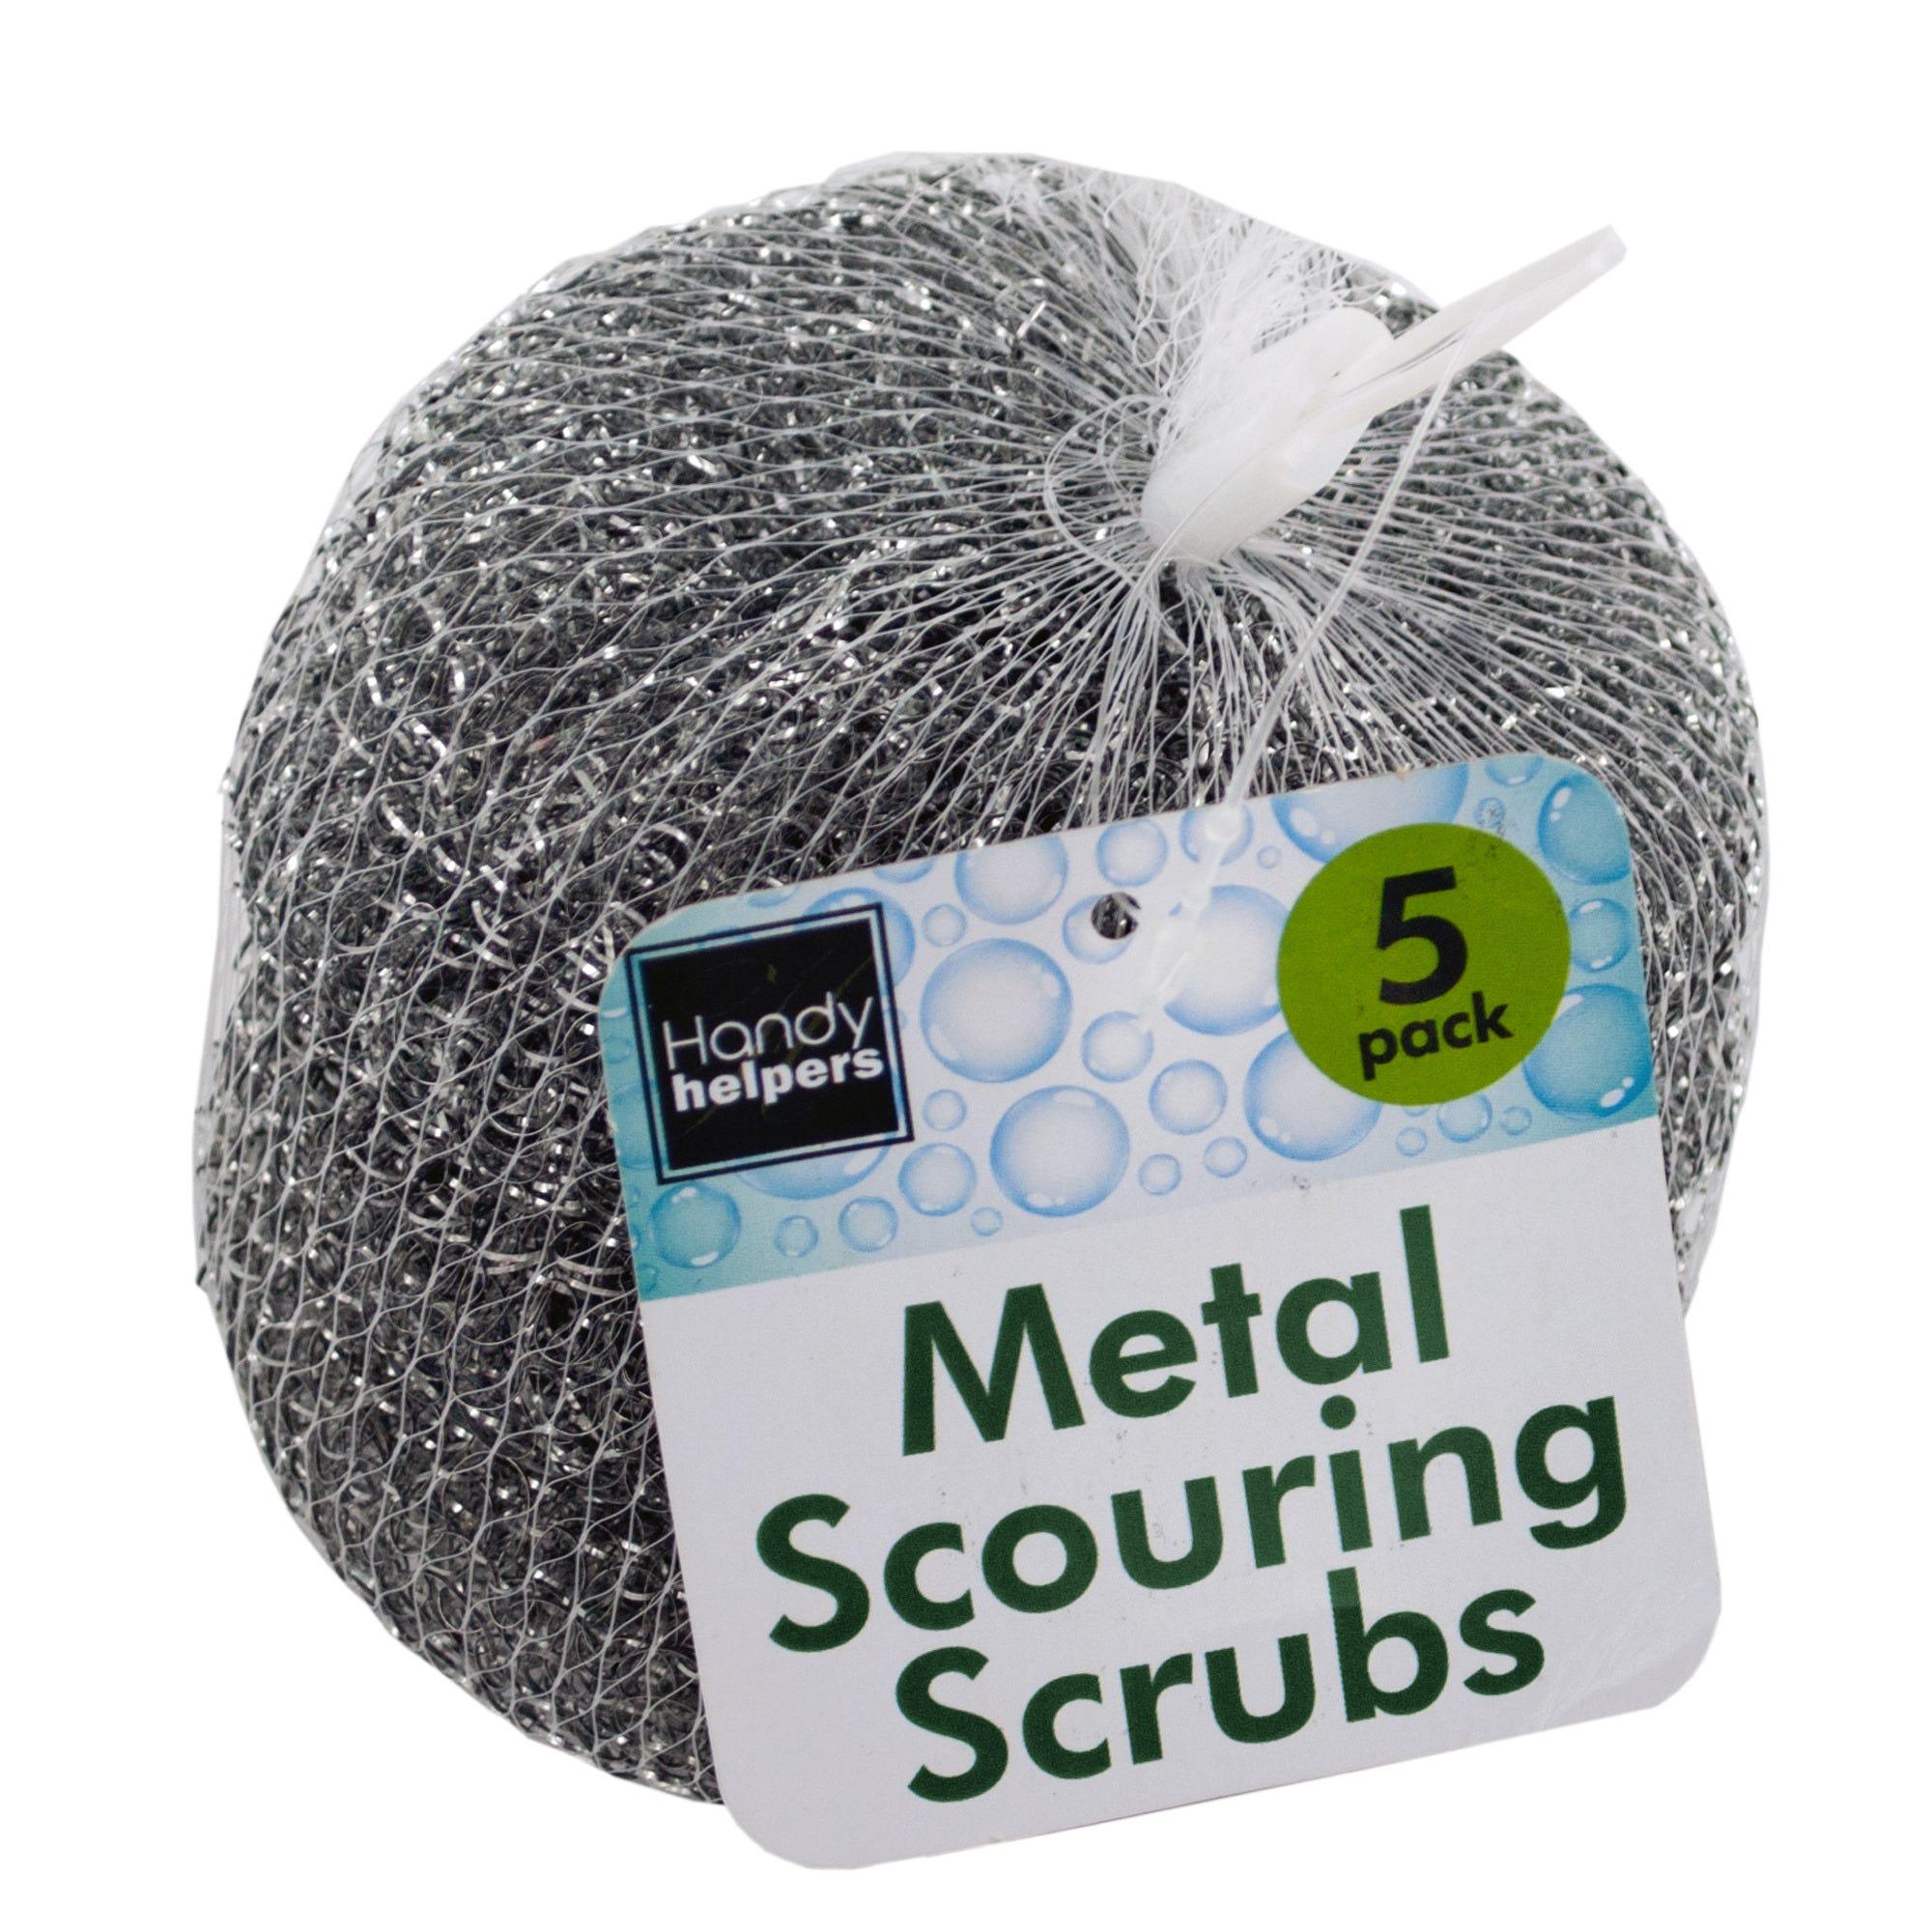 Metal Scouring SCRUBS- Qty 18